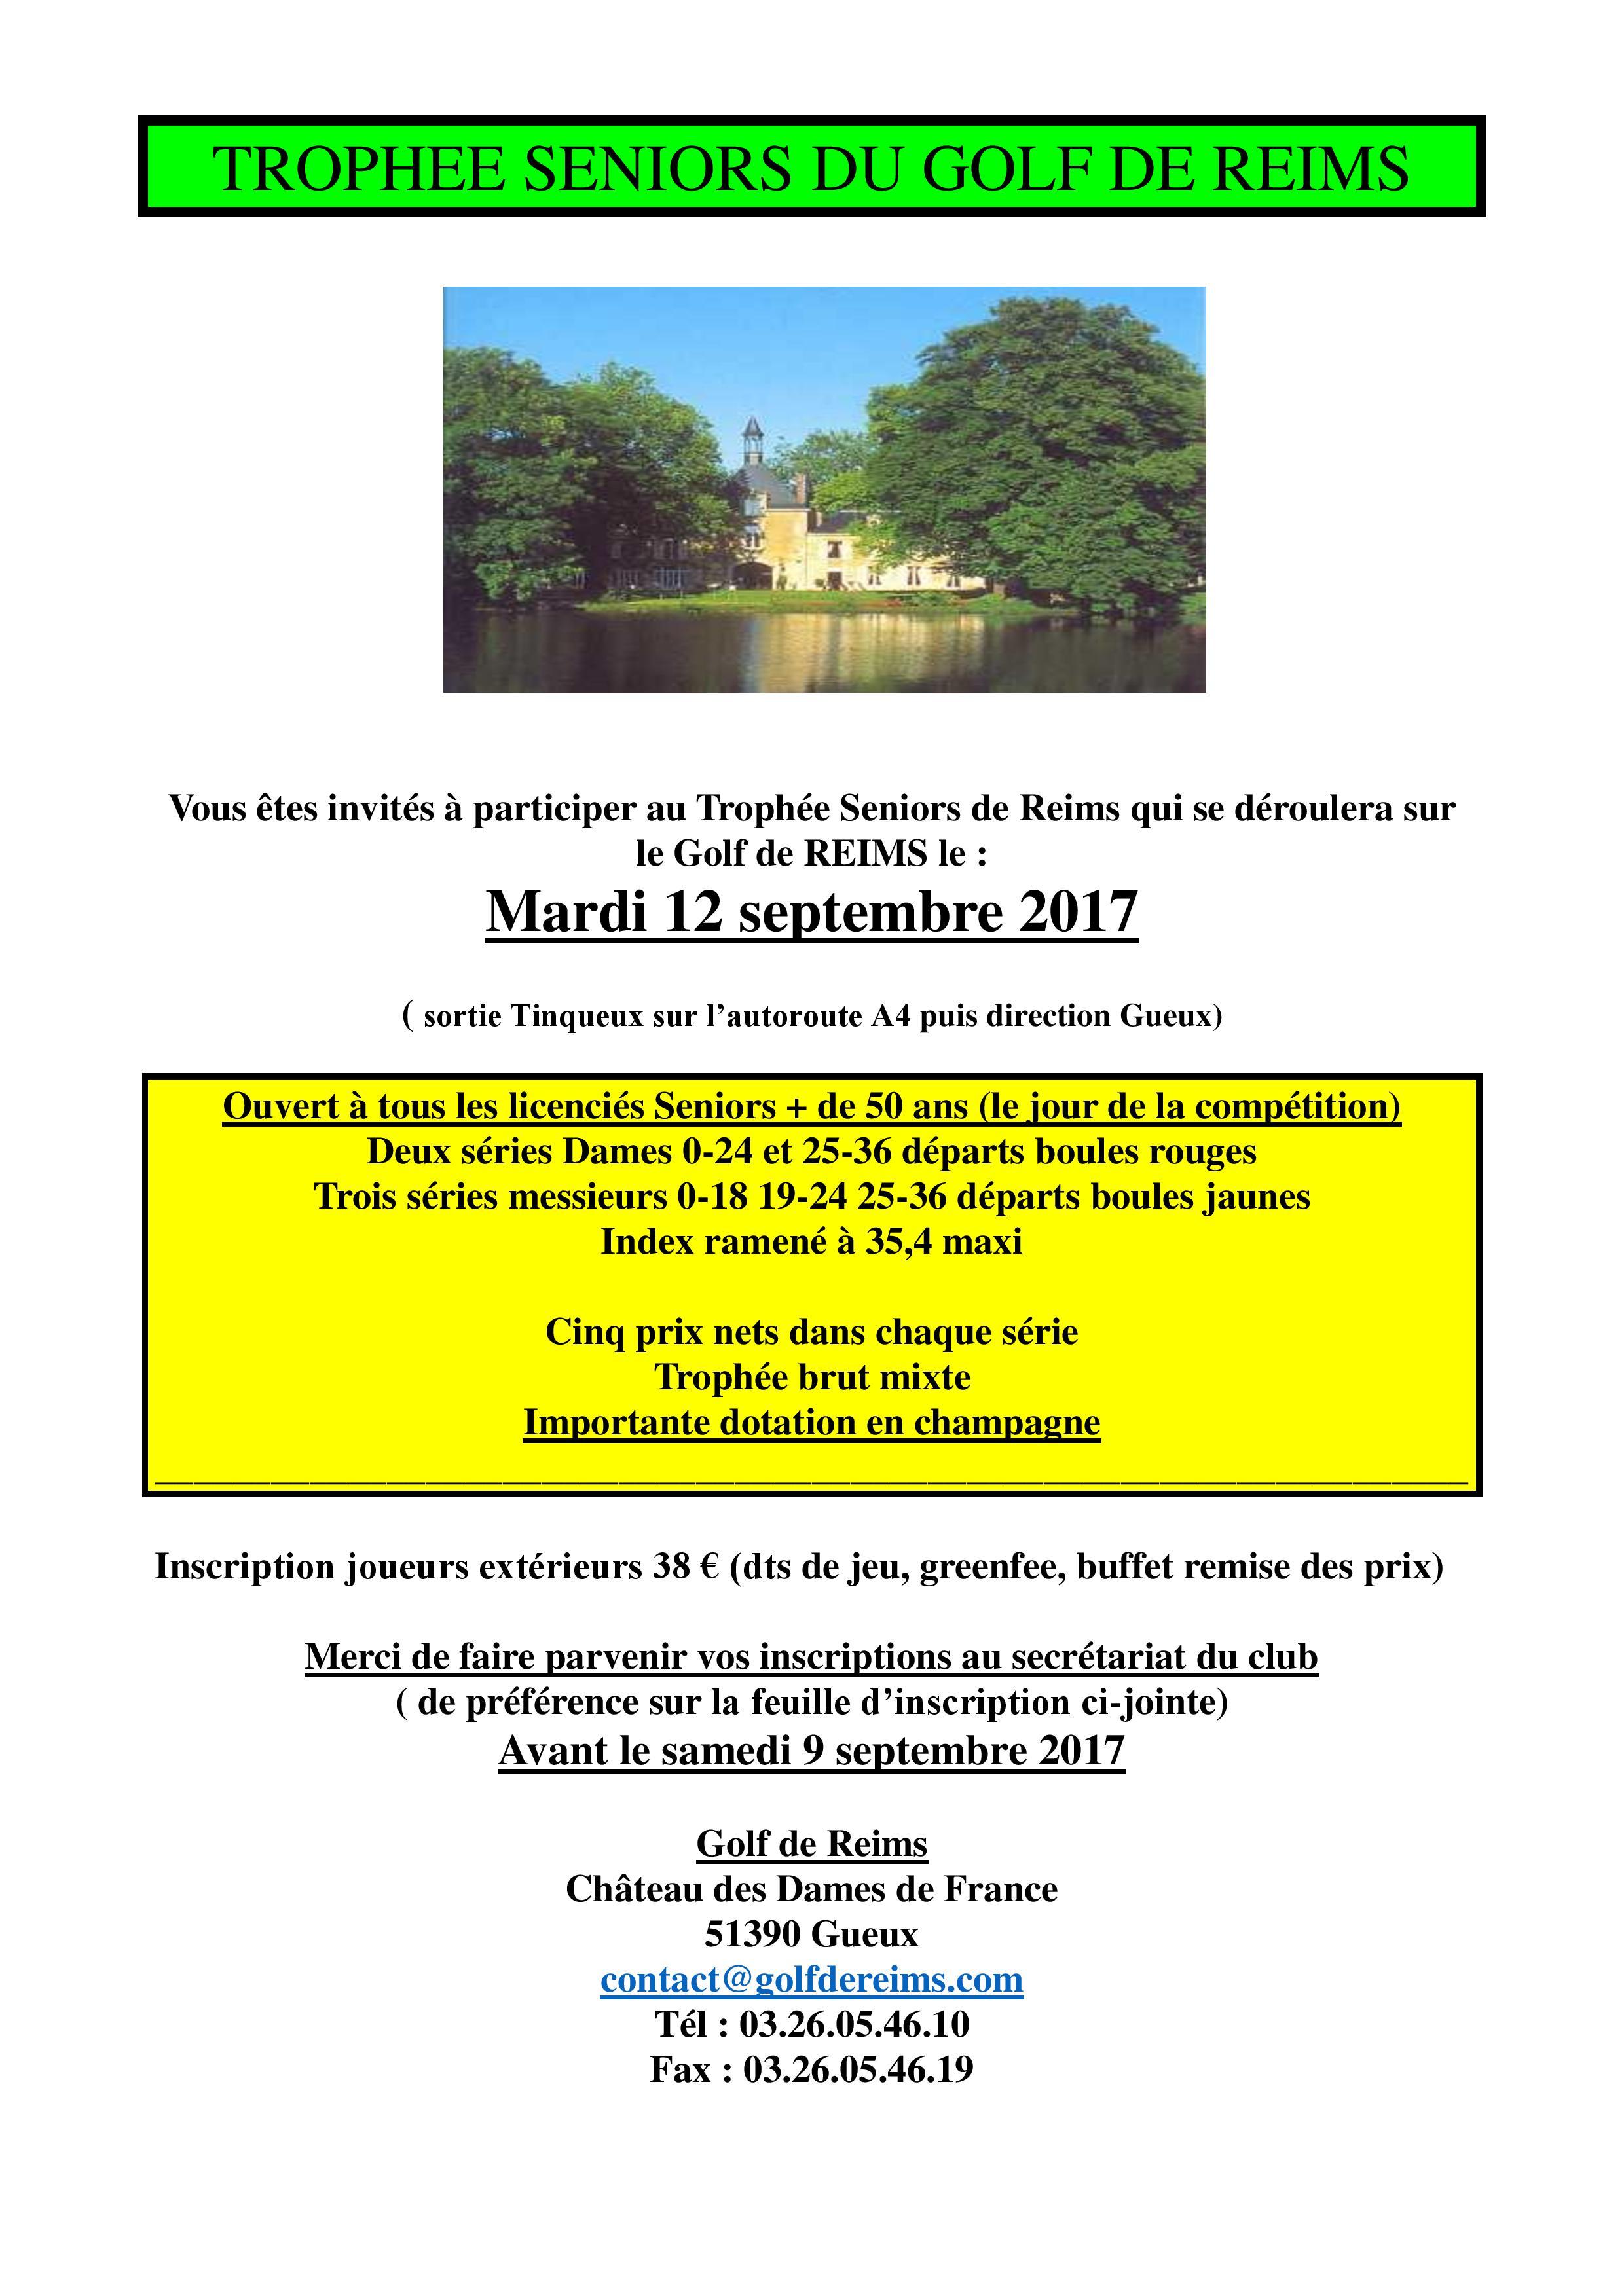 GSTROPH1 2017 AFFICHE-page-001